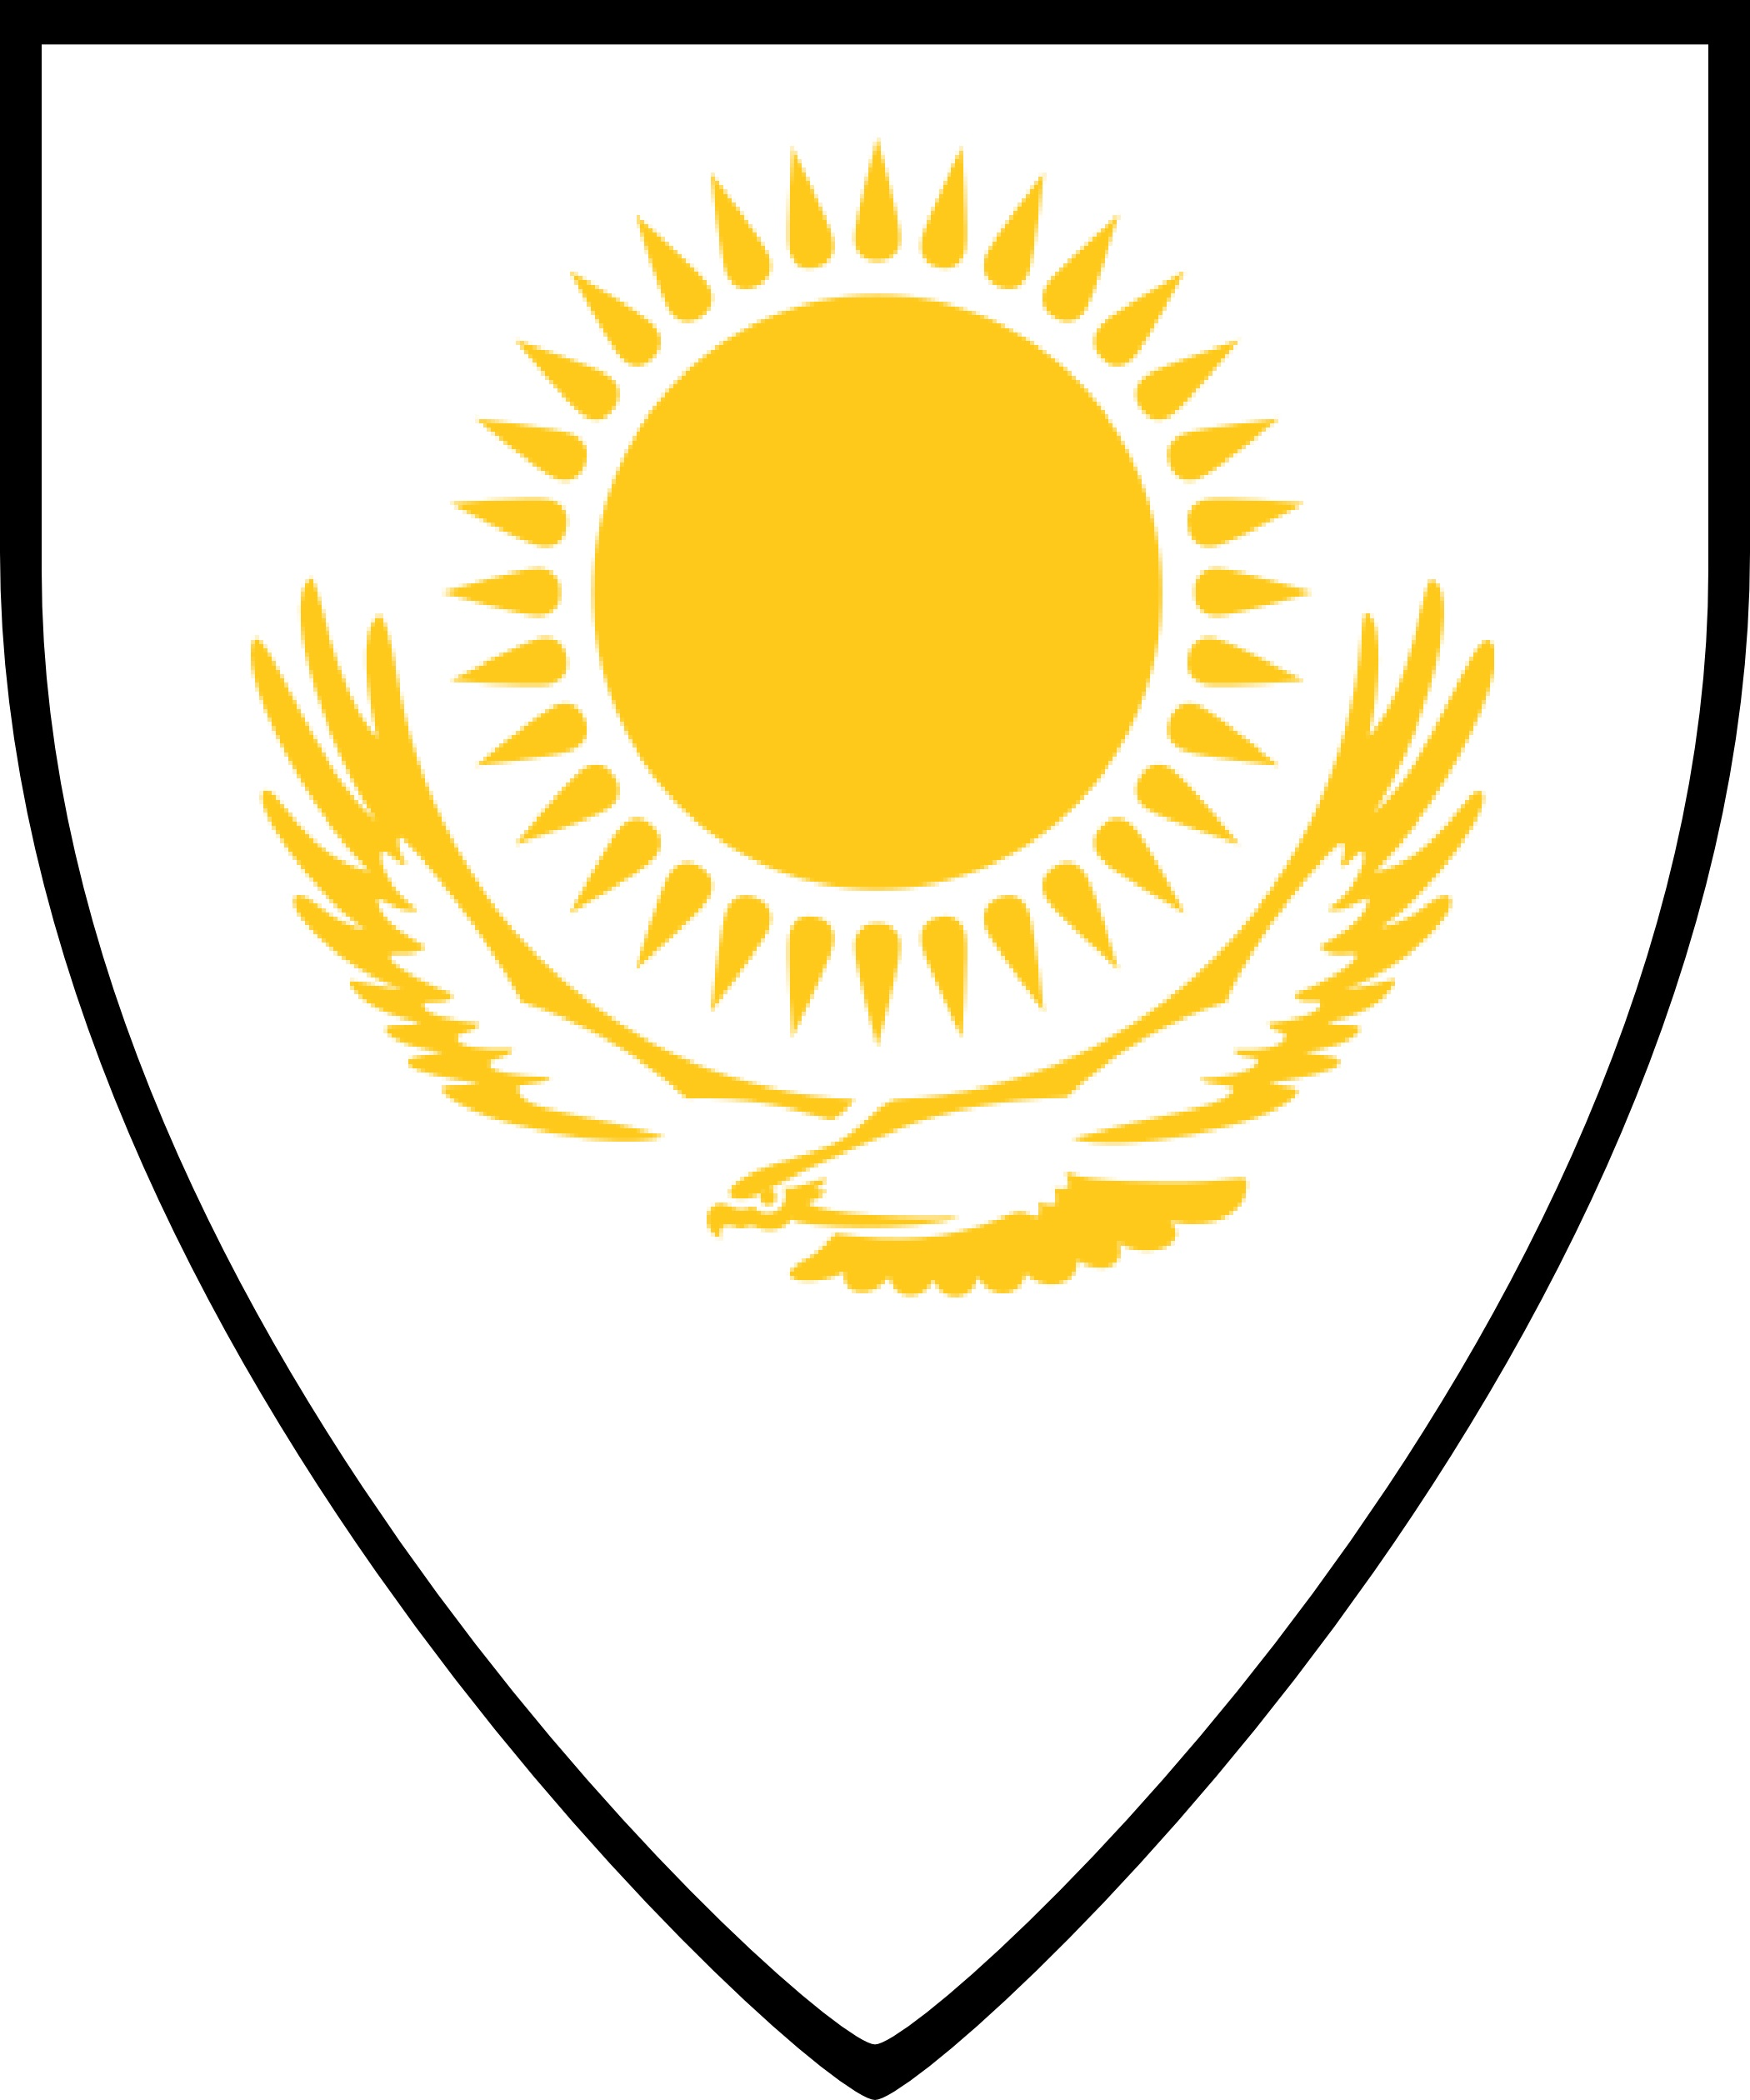 Shield_2.jpg